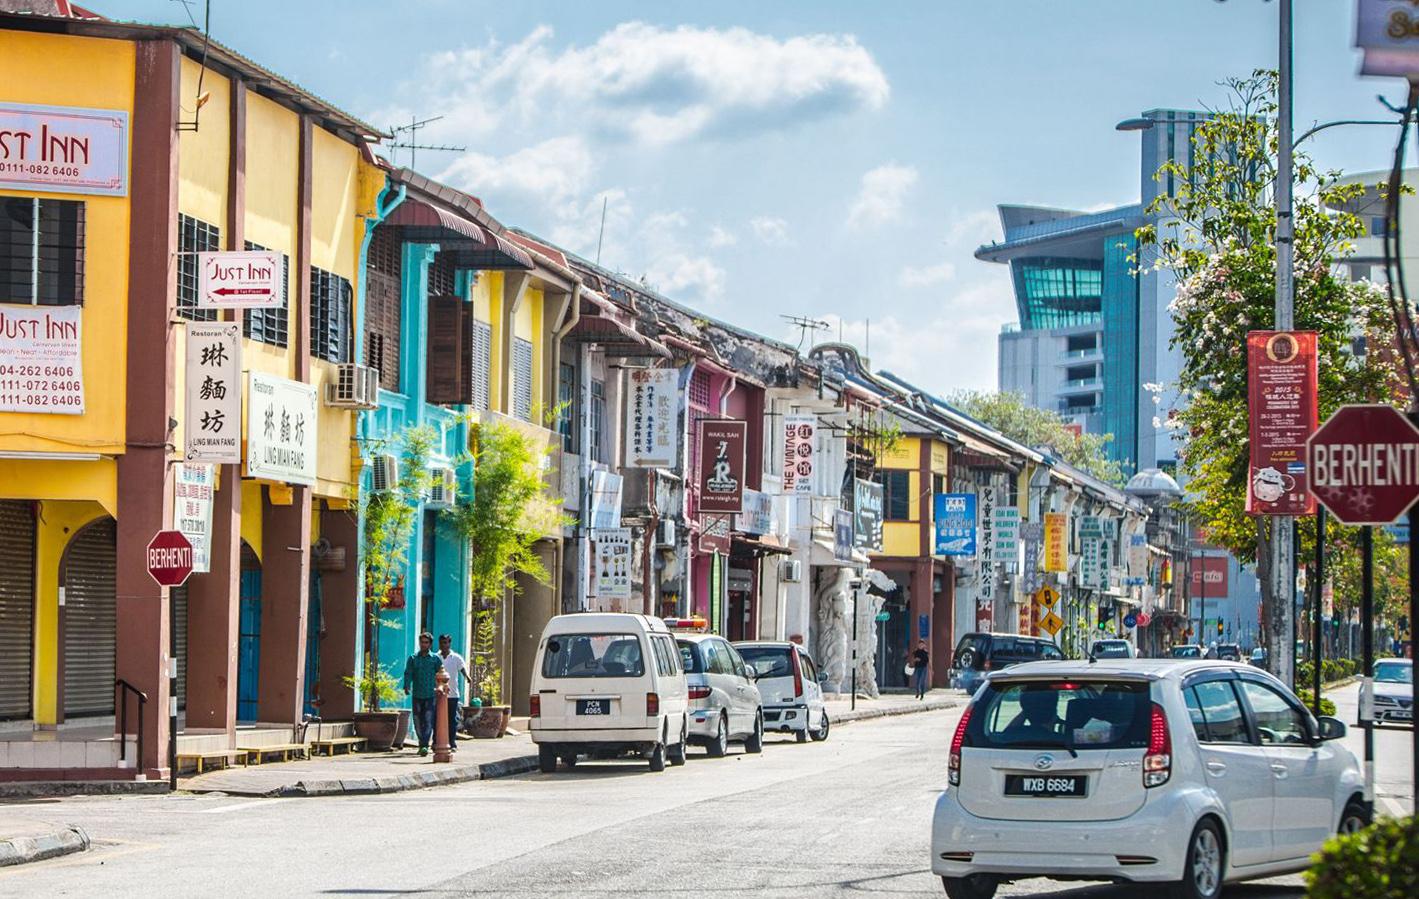 融化在浓浓的南洋情调里 马来西亚槟城游记